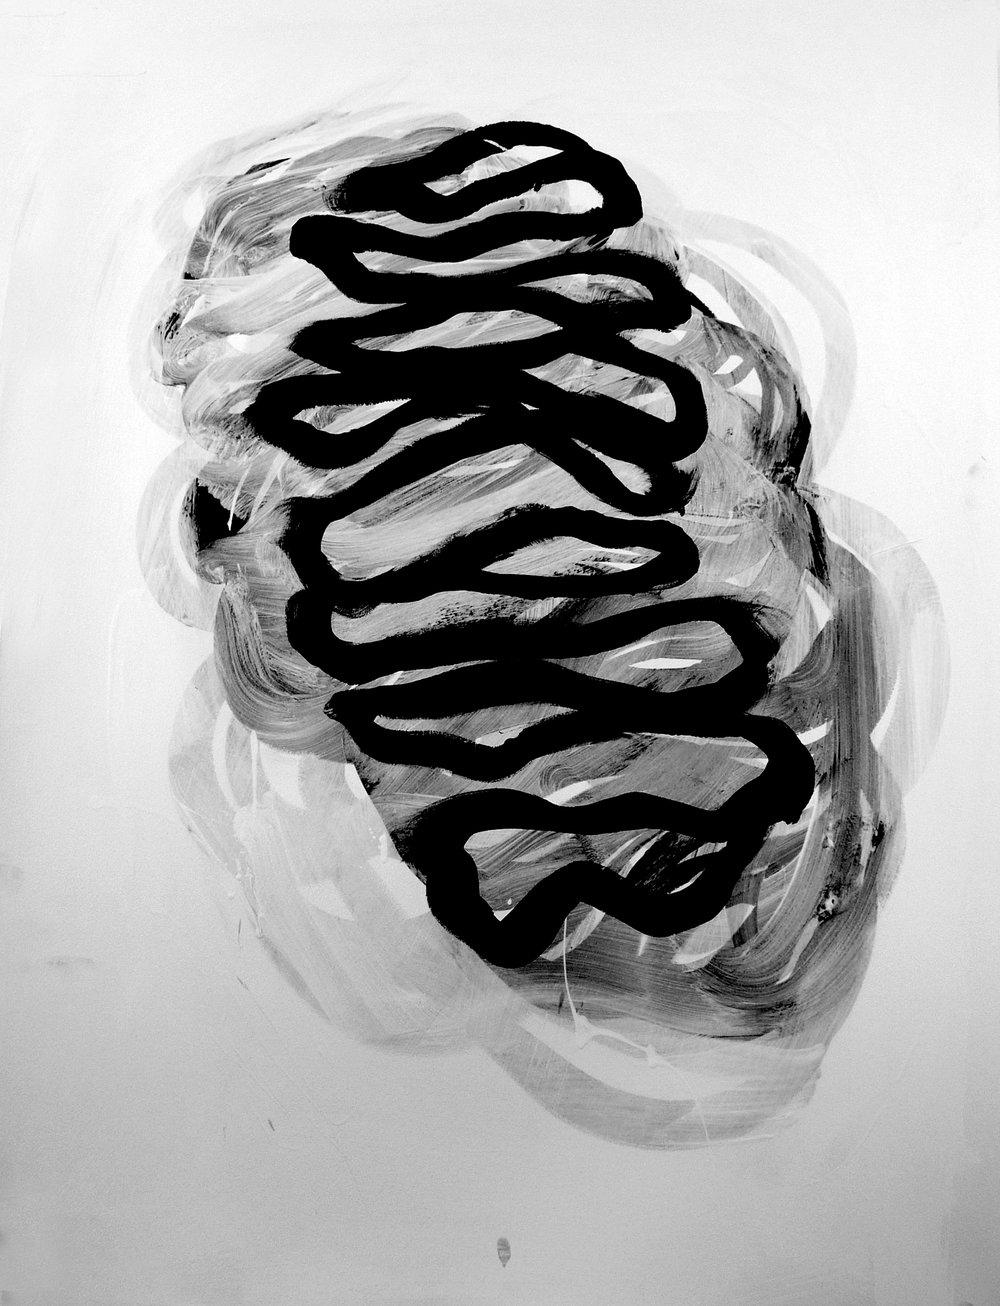 Palimpsest (Series II)